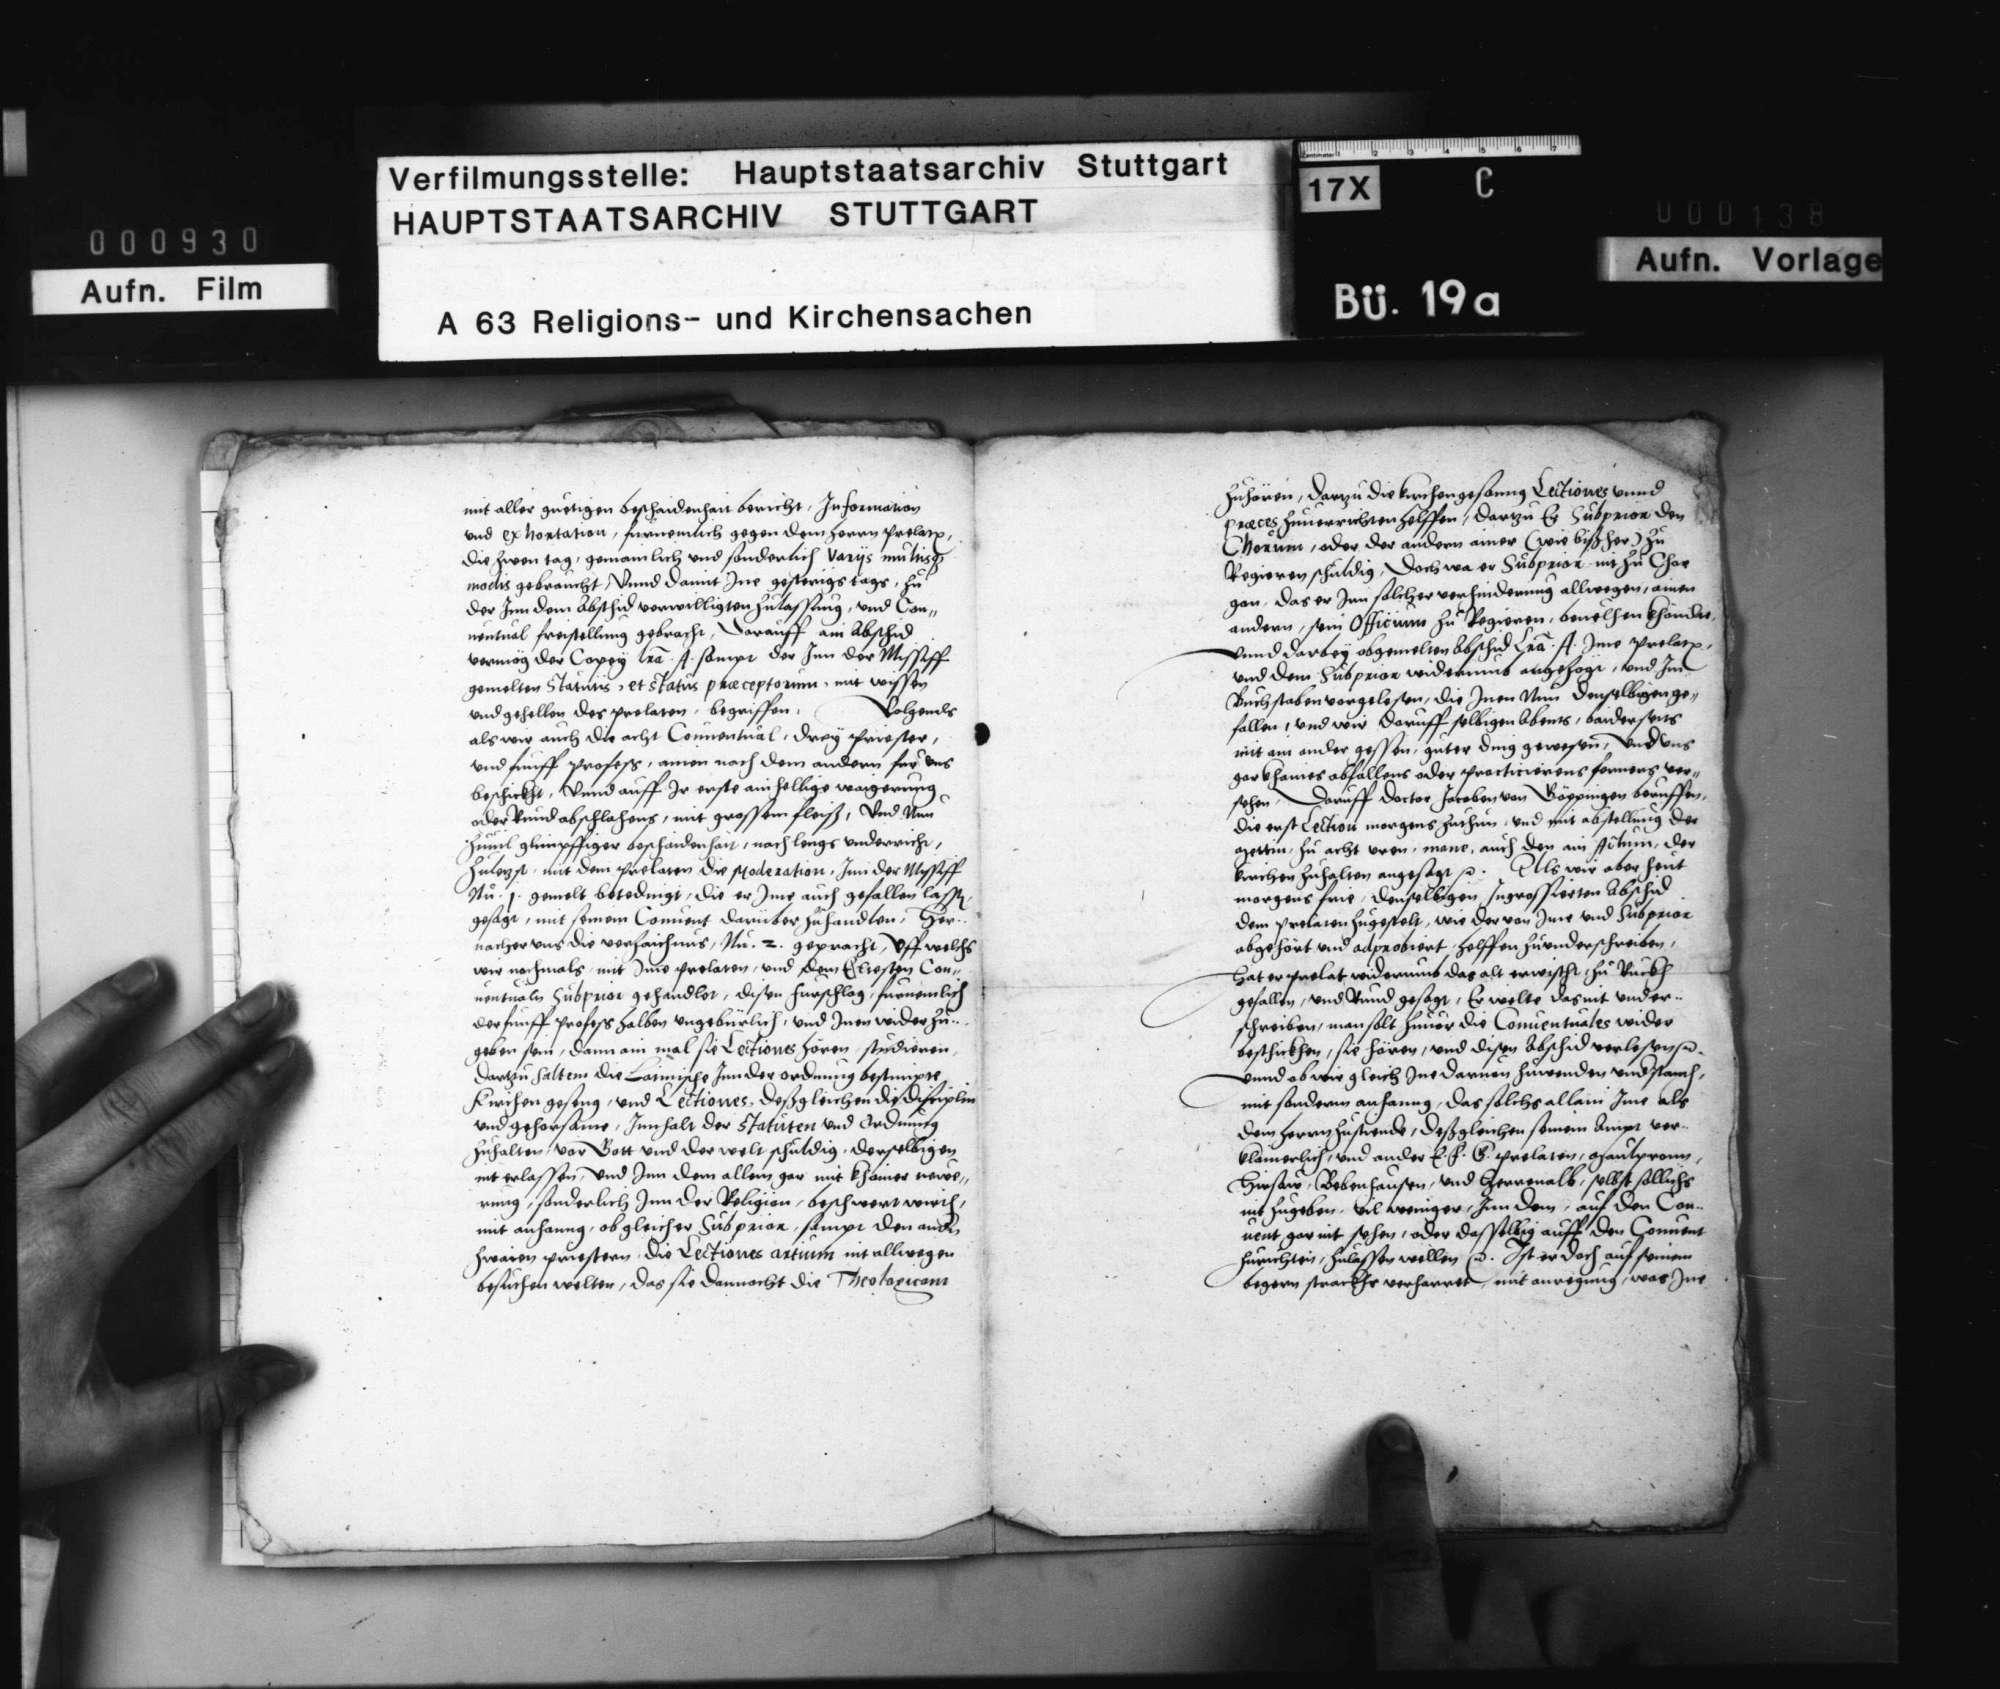 Geheimer Nebenbericht einer herzoglichen Kommission über die Weigerung des Prälaten von Adelberg und seiner Konventualen, die Klosterordnung Herzog Christophs anzunehmen. Original Papier., Bild 3